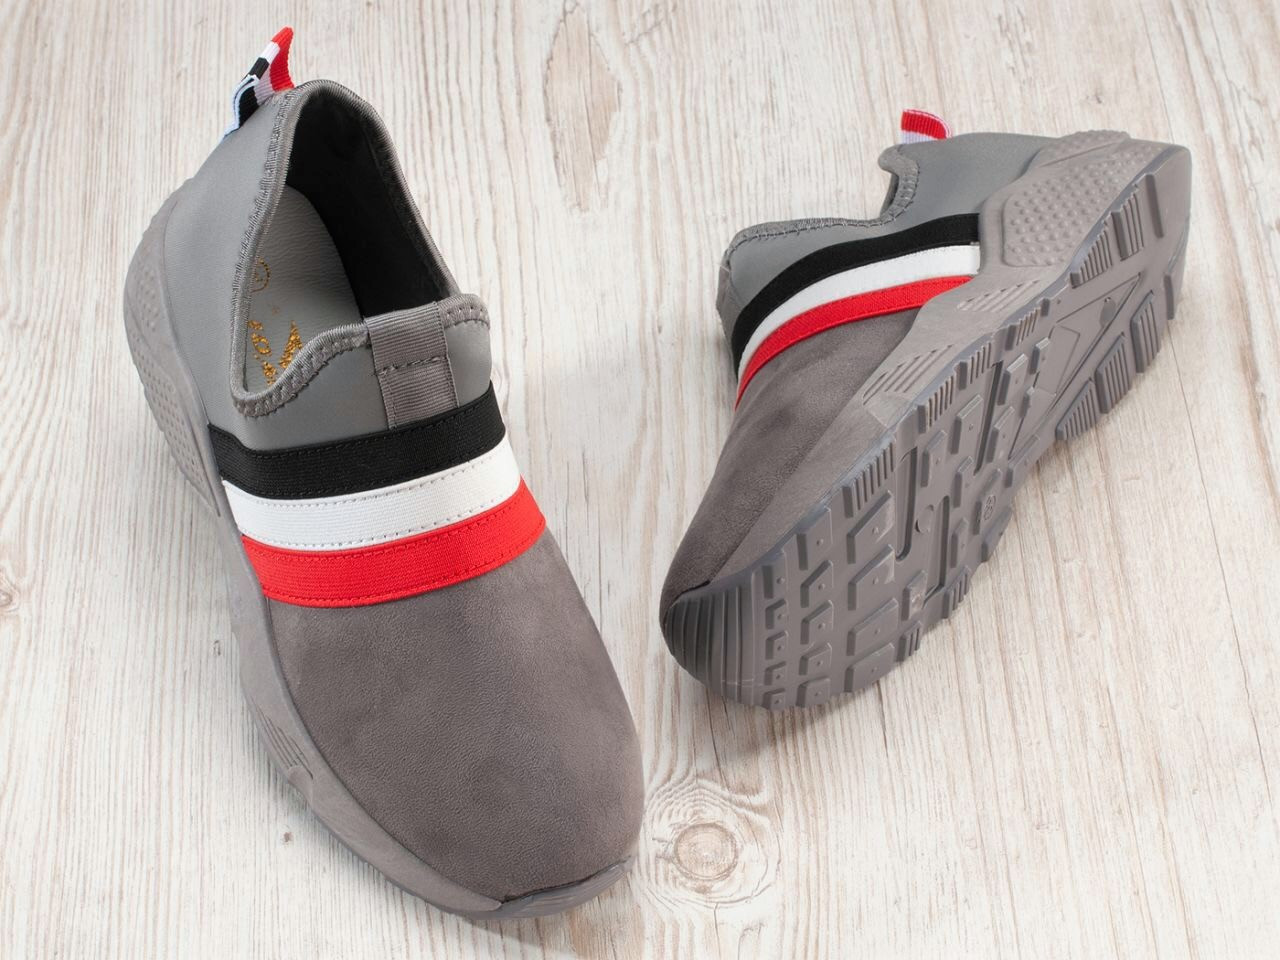 Жіночі кросівки сліпони сірі матові 36, 38, 40 розмір